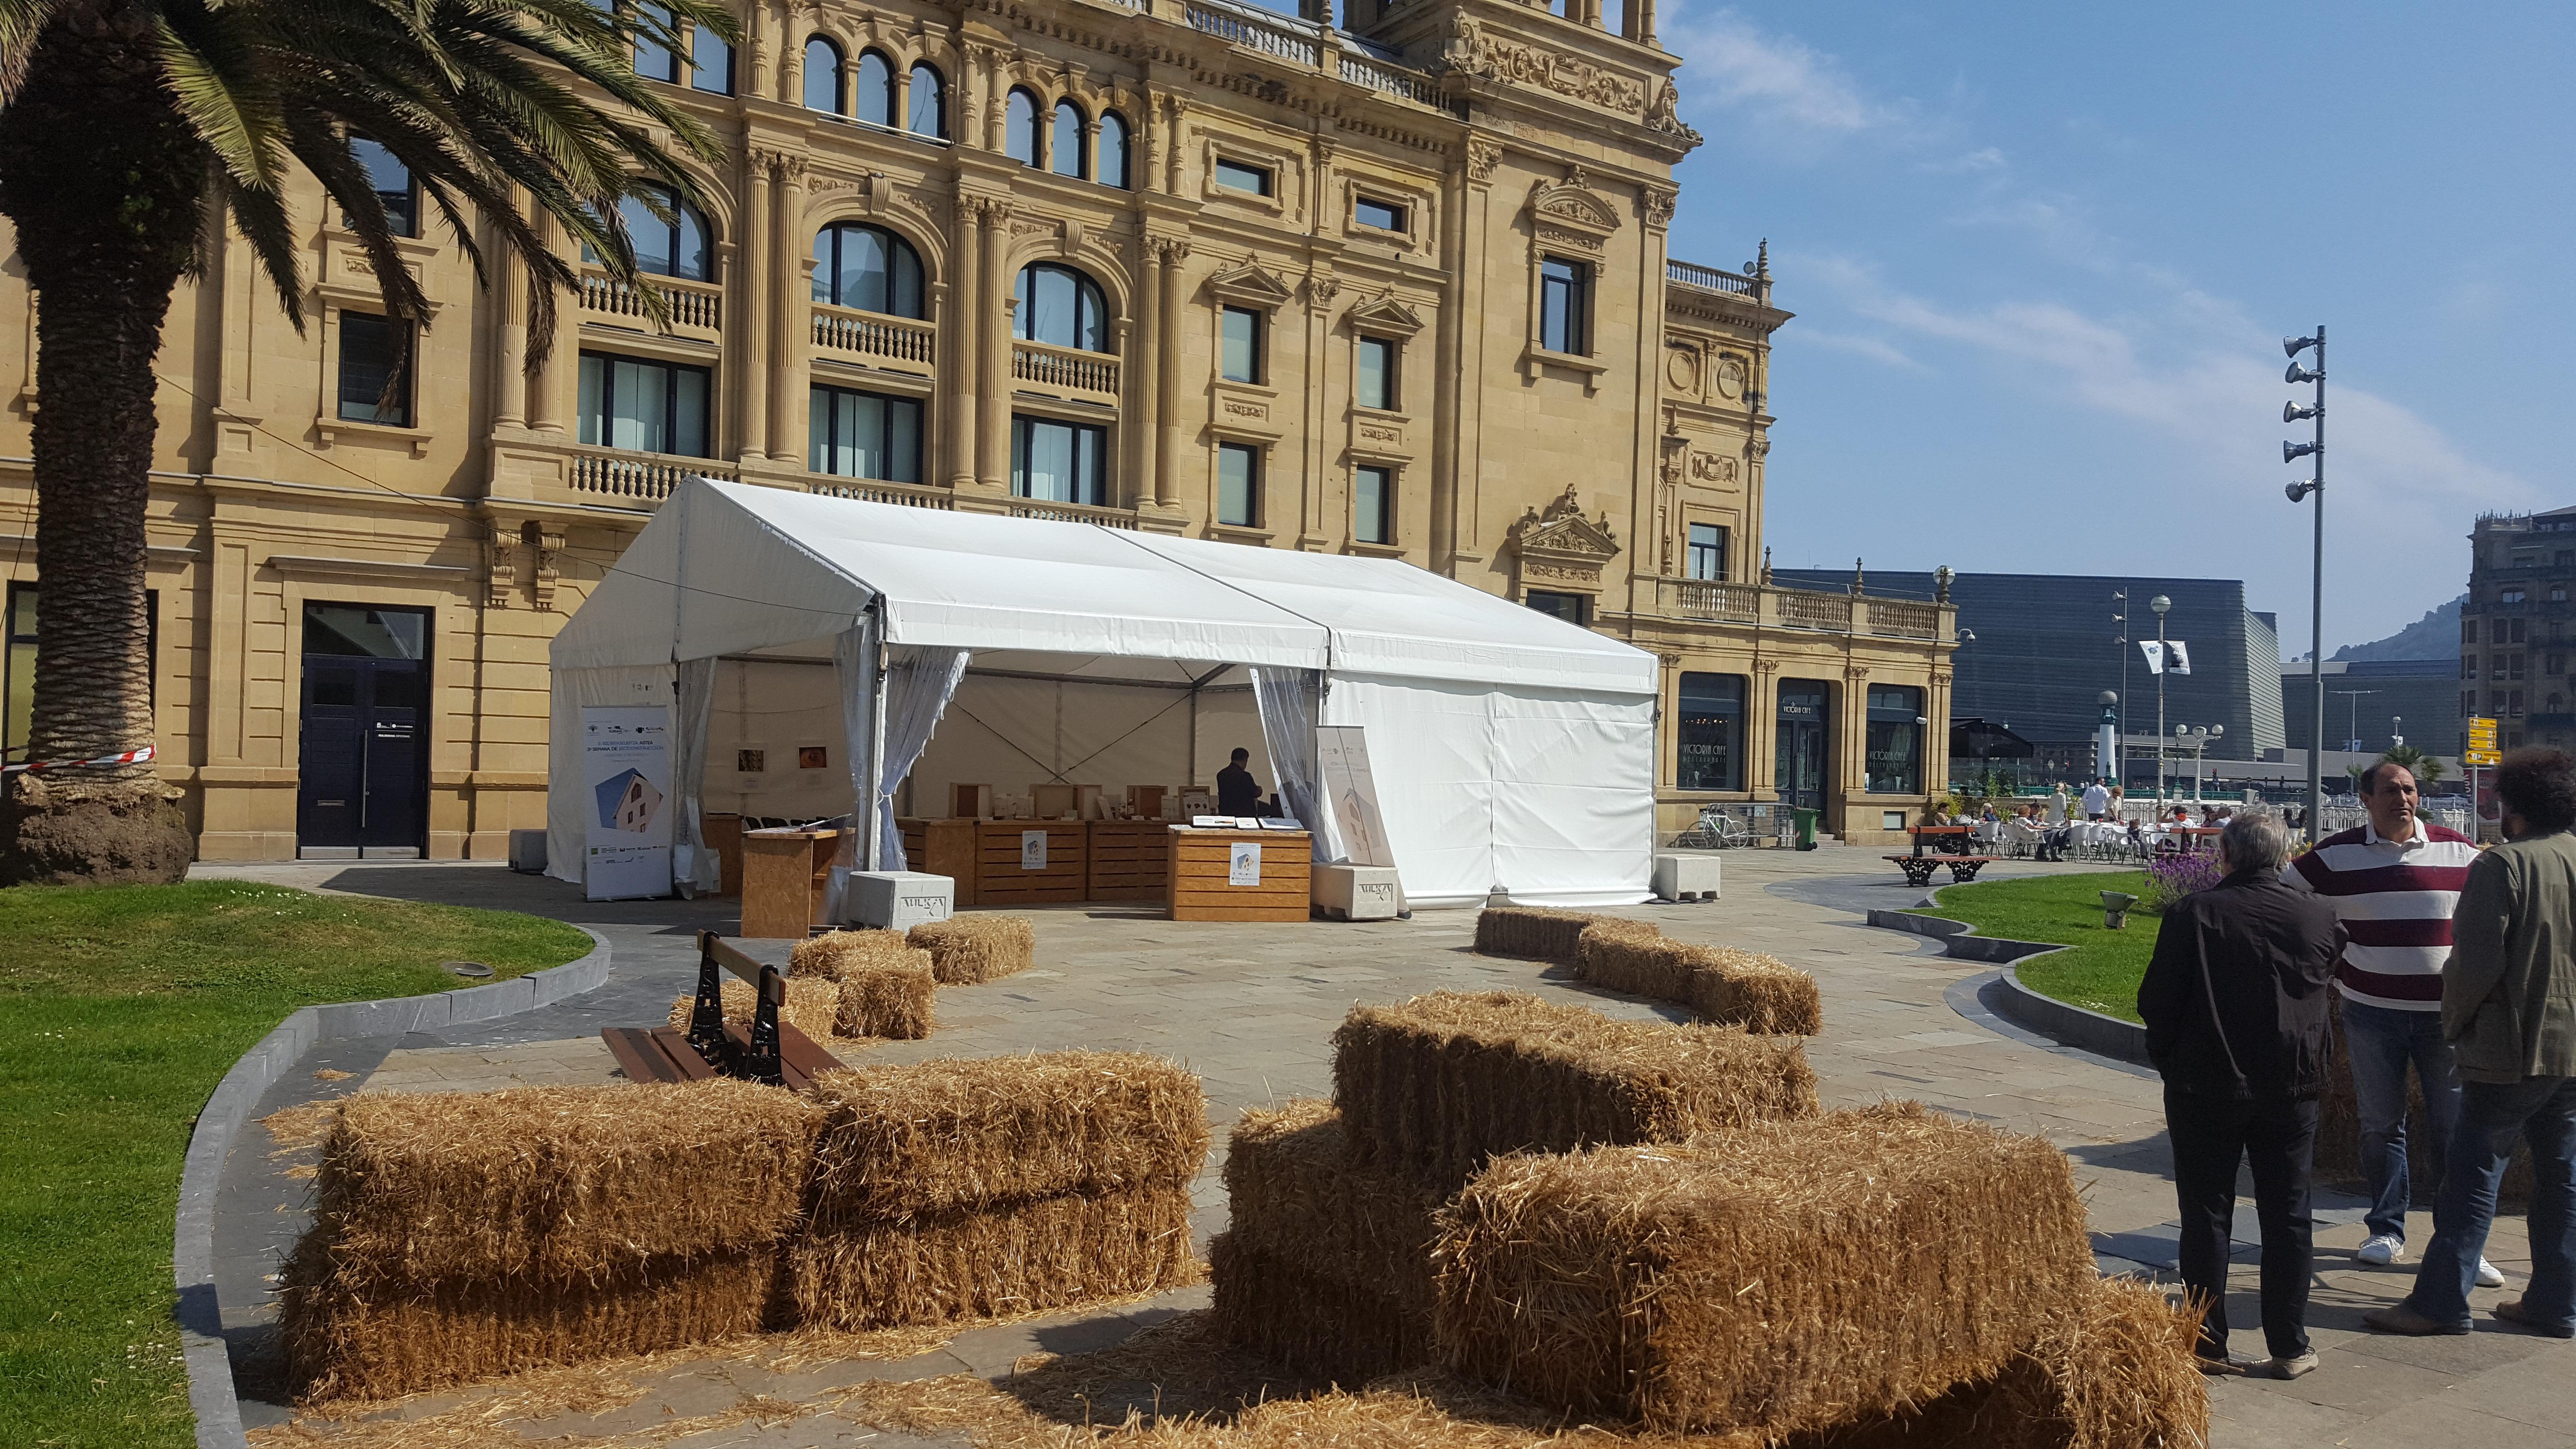 foto noticia: III Semana de la Bioconstrucción para la Ciudadanía organizada por Kursaal Green, Kutxa Ekogunea y Cristina Enea